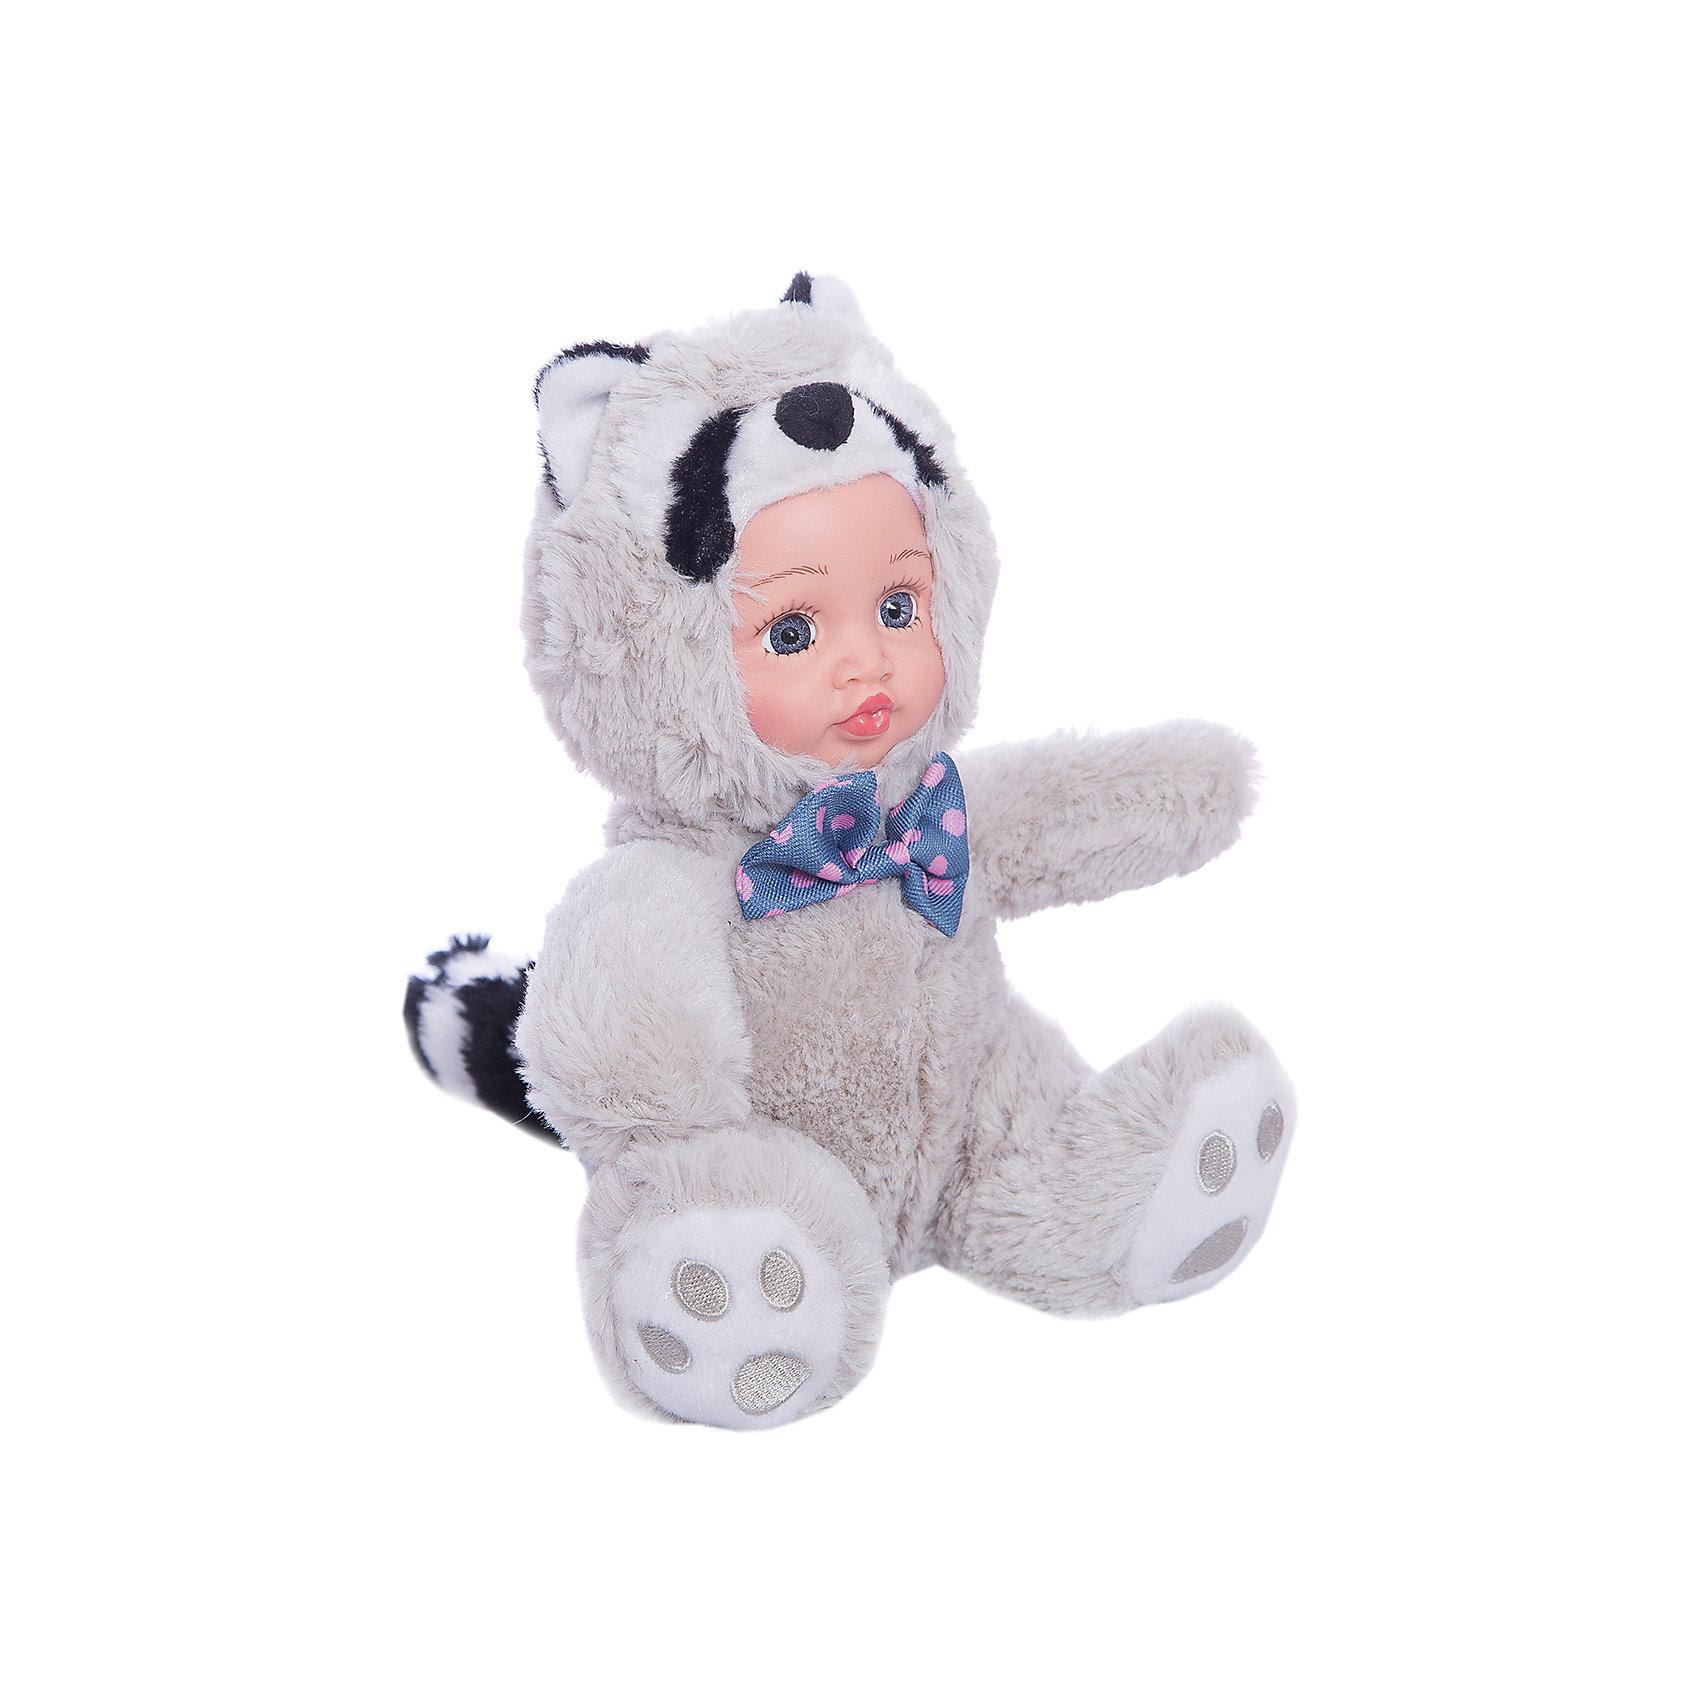 Игрушка Крошка енот, Fluffy FamilyТакая игрушка - милая вариация стандартной куклы–младенца. Малыш выполнен из пластика и тщательно прорисованным личиком. Одета кукла в костюм совенка. Ткань приятна на ощупь и малышу понравится играть с куклой. Игрушка подходит для одиночной игры малыша и для игр в компании. Не содержит мелких деталей. Кукла из коллекционной серии. Соберите весь набор! Материалы, использованные при изготовлении товара, абсолютно безопасны и отвечают всем международным требованиям по качеству.<br><br>Дополнительные характеристики:<br><br>материал: ПВХ, искусственный мех, пластик;<br>габариты: 20 X 9 X 30 см;<br>наполнитель: полиэтиленовые гранулы.<br><br>Игрушку Крошка енот от компании Fluffy Family можно приобрести в нашем магазине.<br><br>Ширина мм: 570<br>Глубина мм: 580<br>Высота мм: 450<br>Вес г: 130<br>Возраст от месяцев: 36<br>Возраст до месяцев: 96<br>Пол: Унисекс<br>Возраст: Детский<br>SKU: 5032461